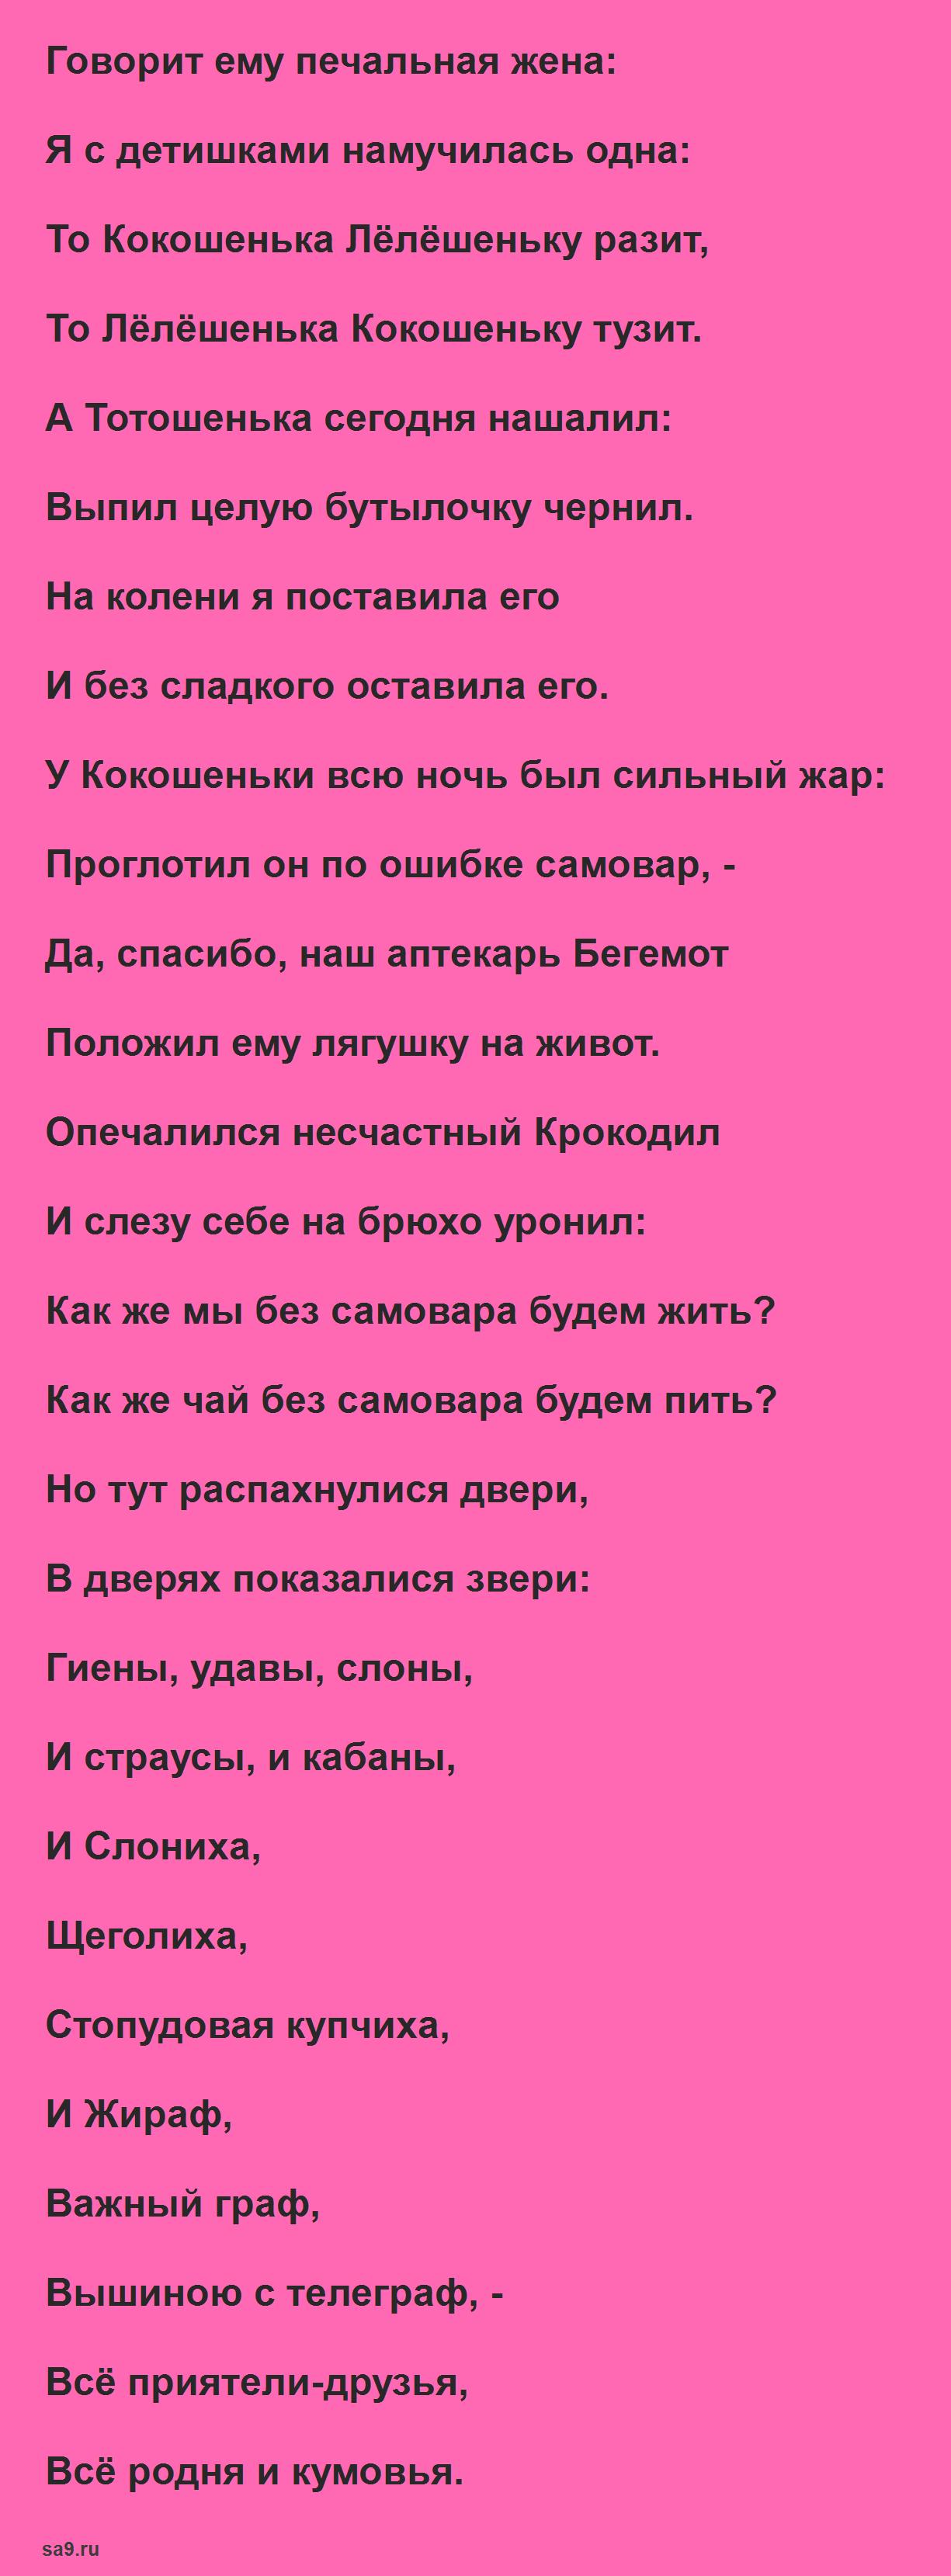 Читать сказку Чуковского для детей 'Крокодил', полностью